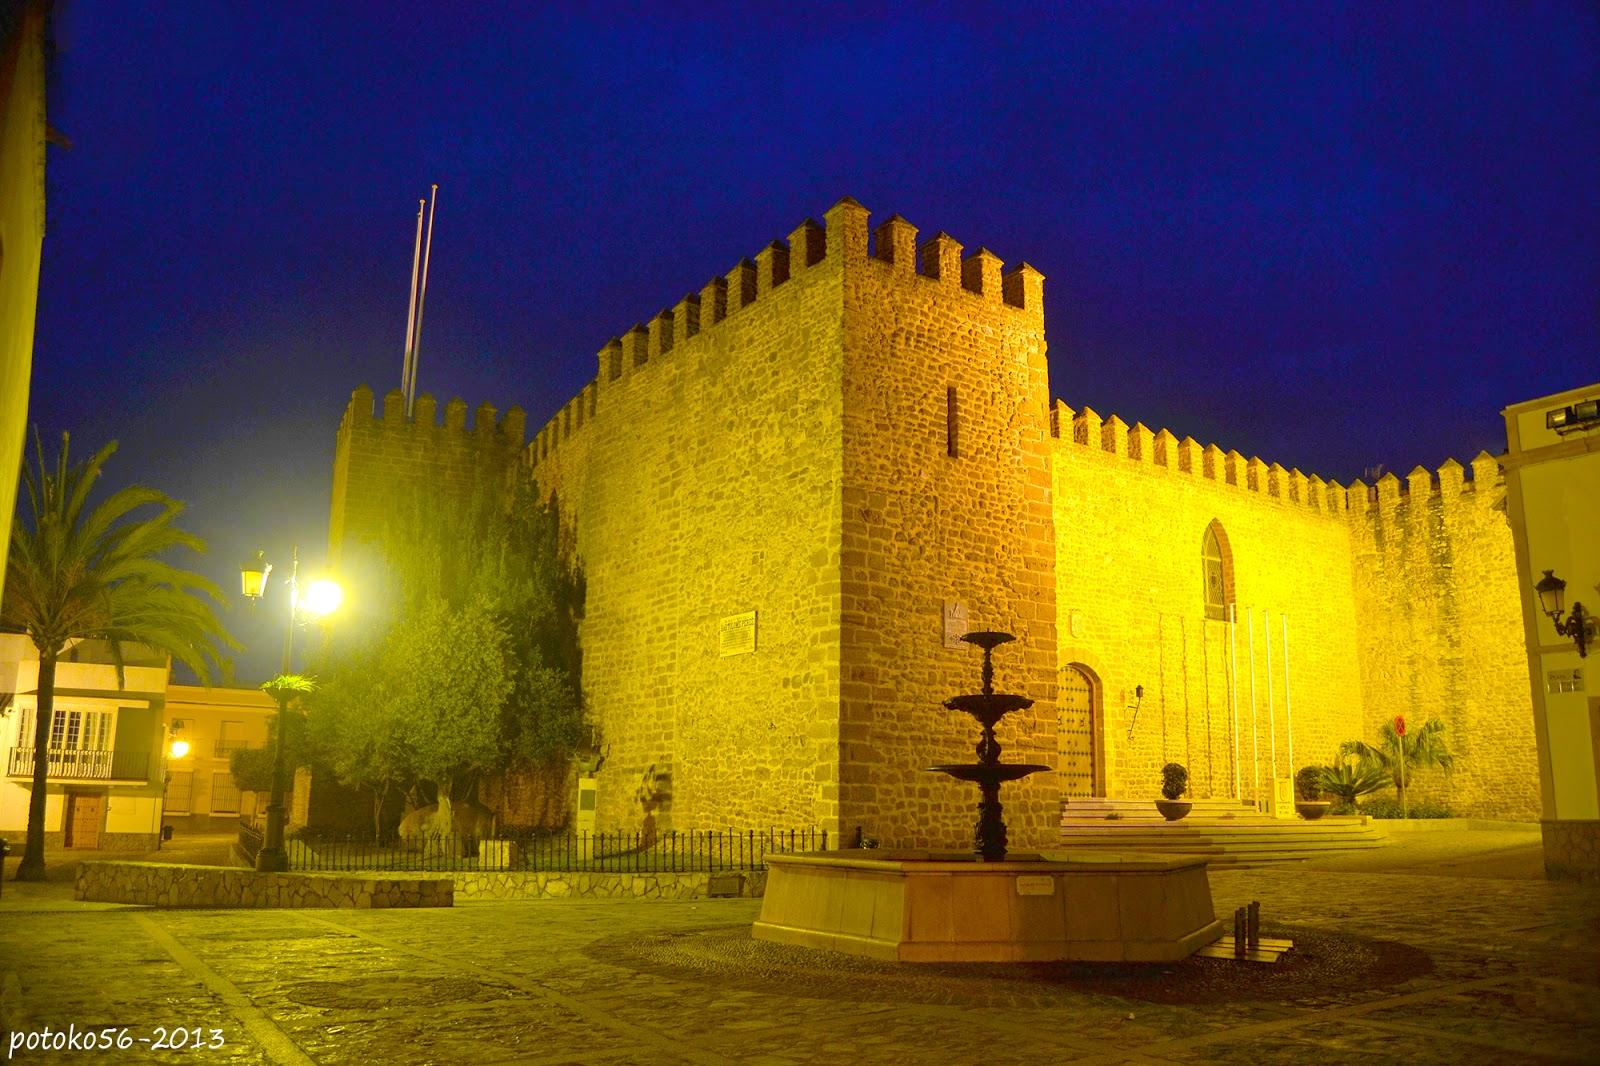 Plazoleta del Padre Eugenio y Castillo de Luna